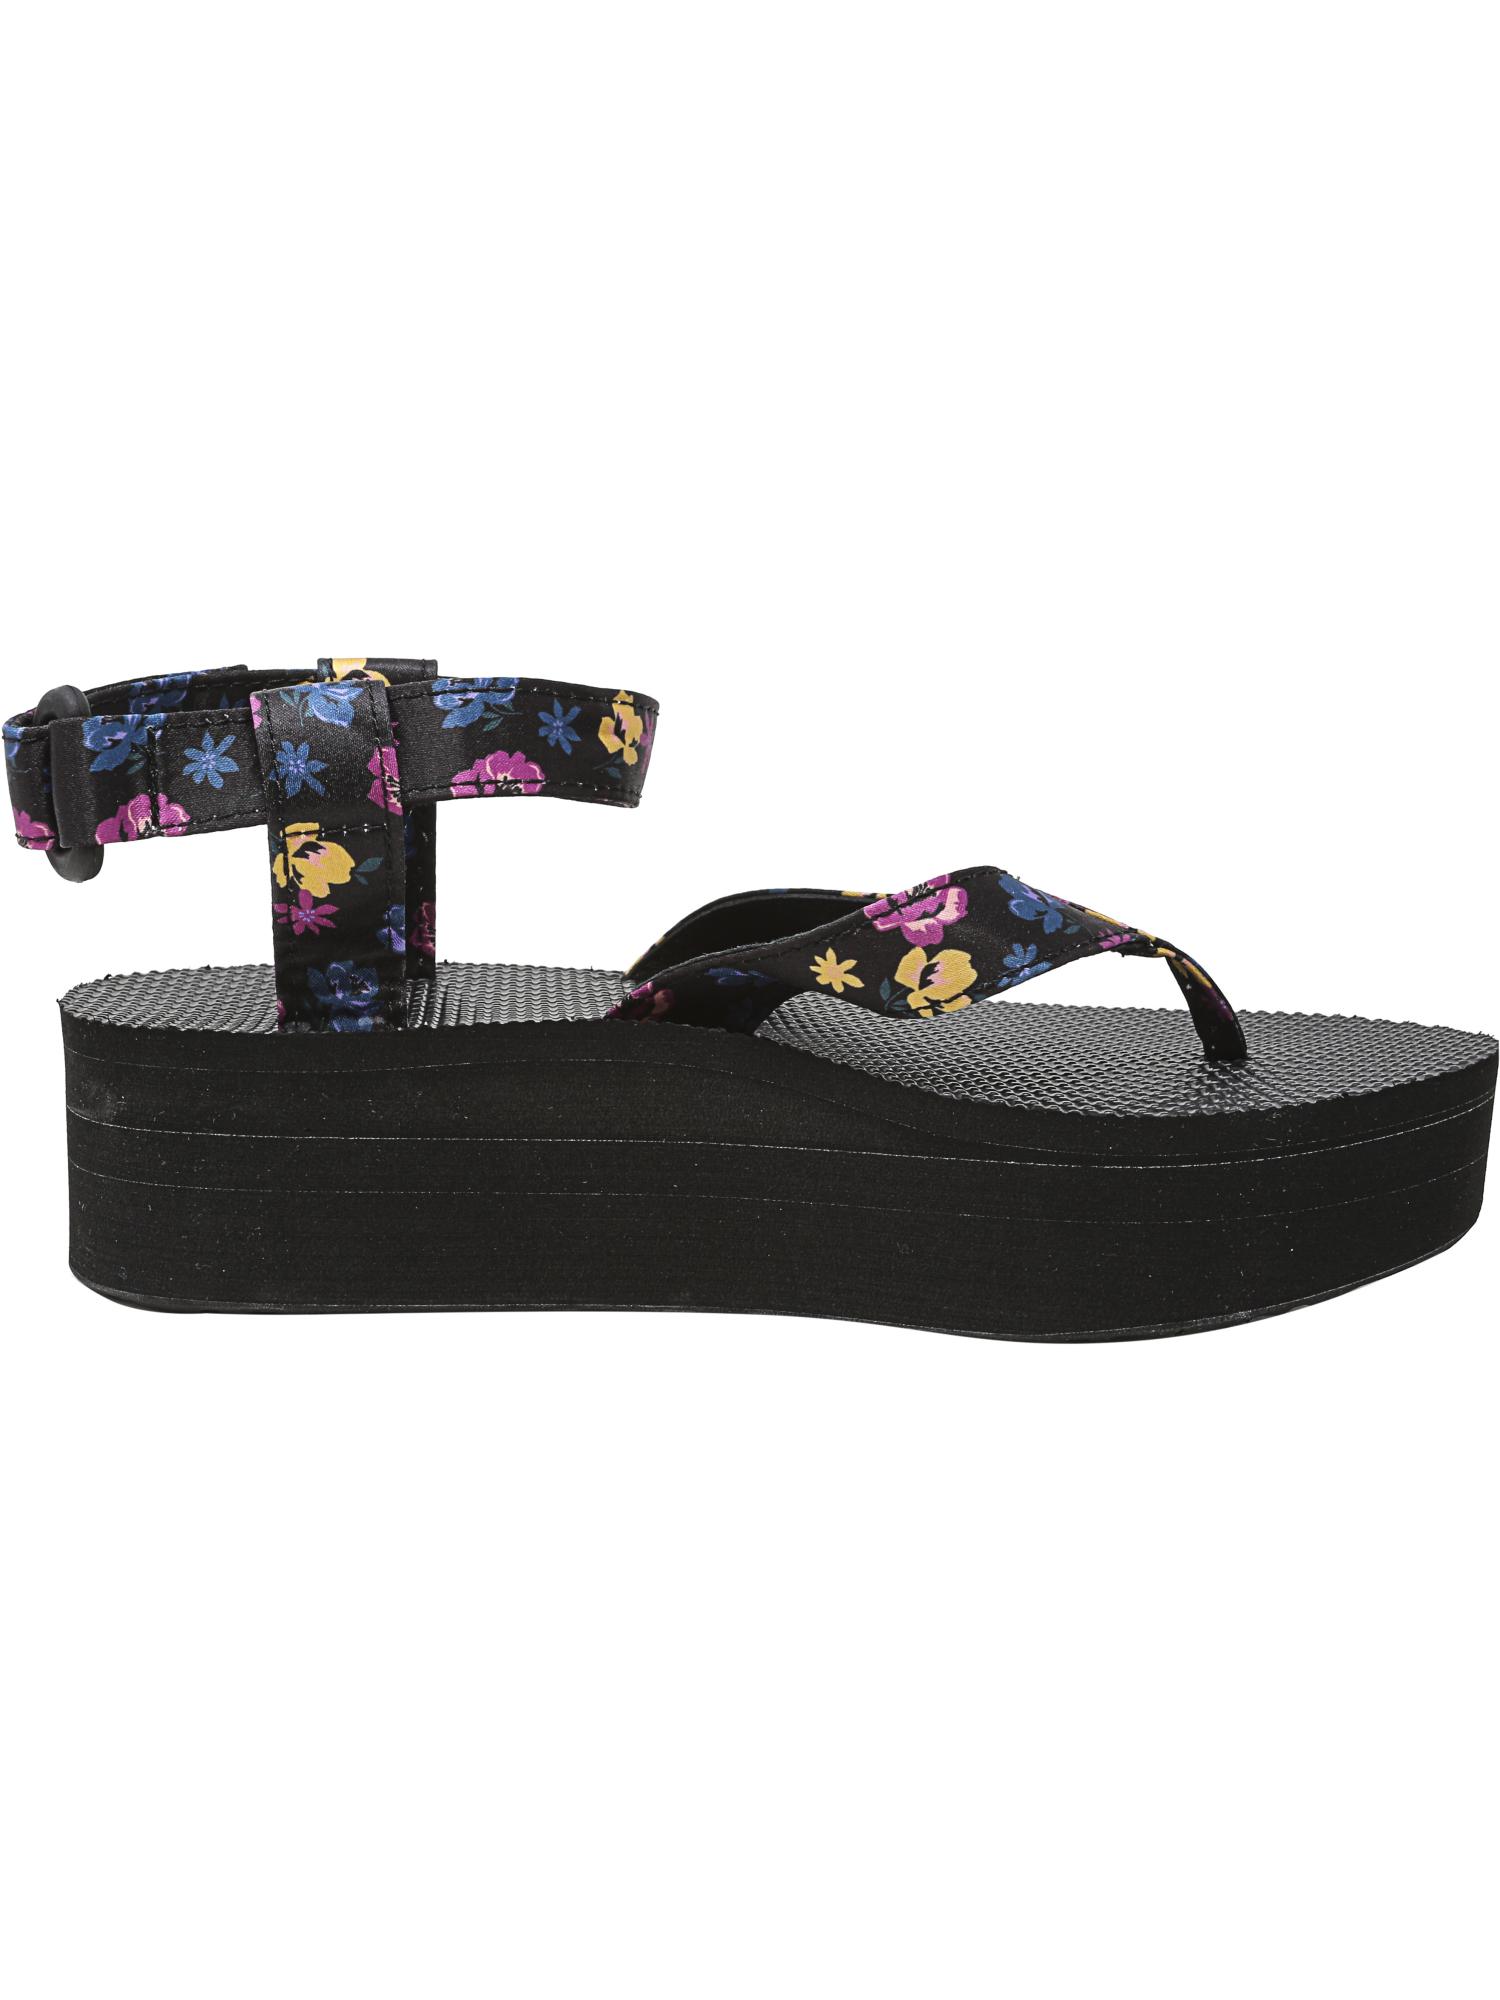 5a6bb21ddf2 Teva Women s Flatform Sandal Floral Ankle-High